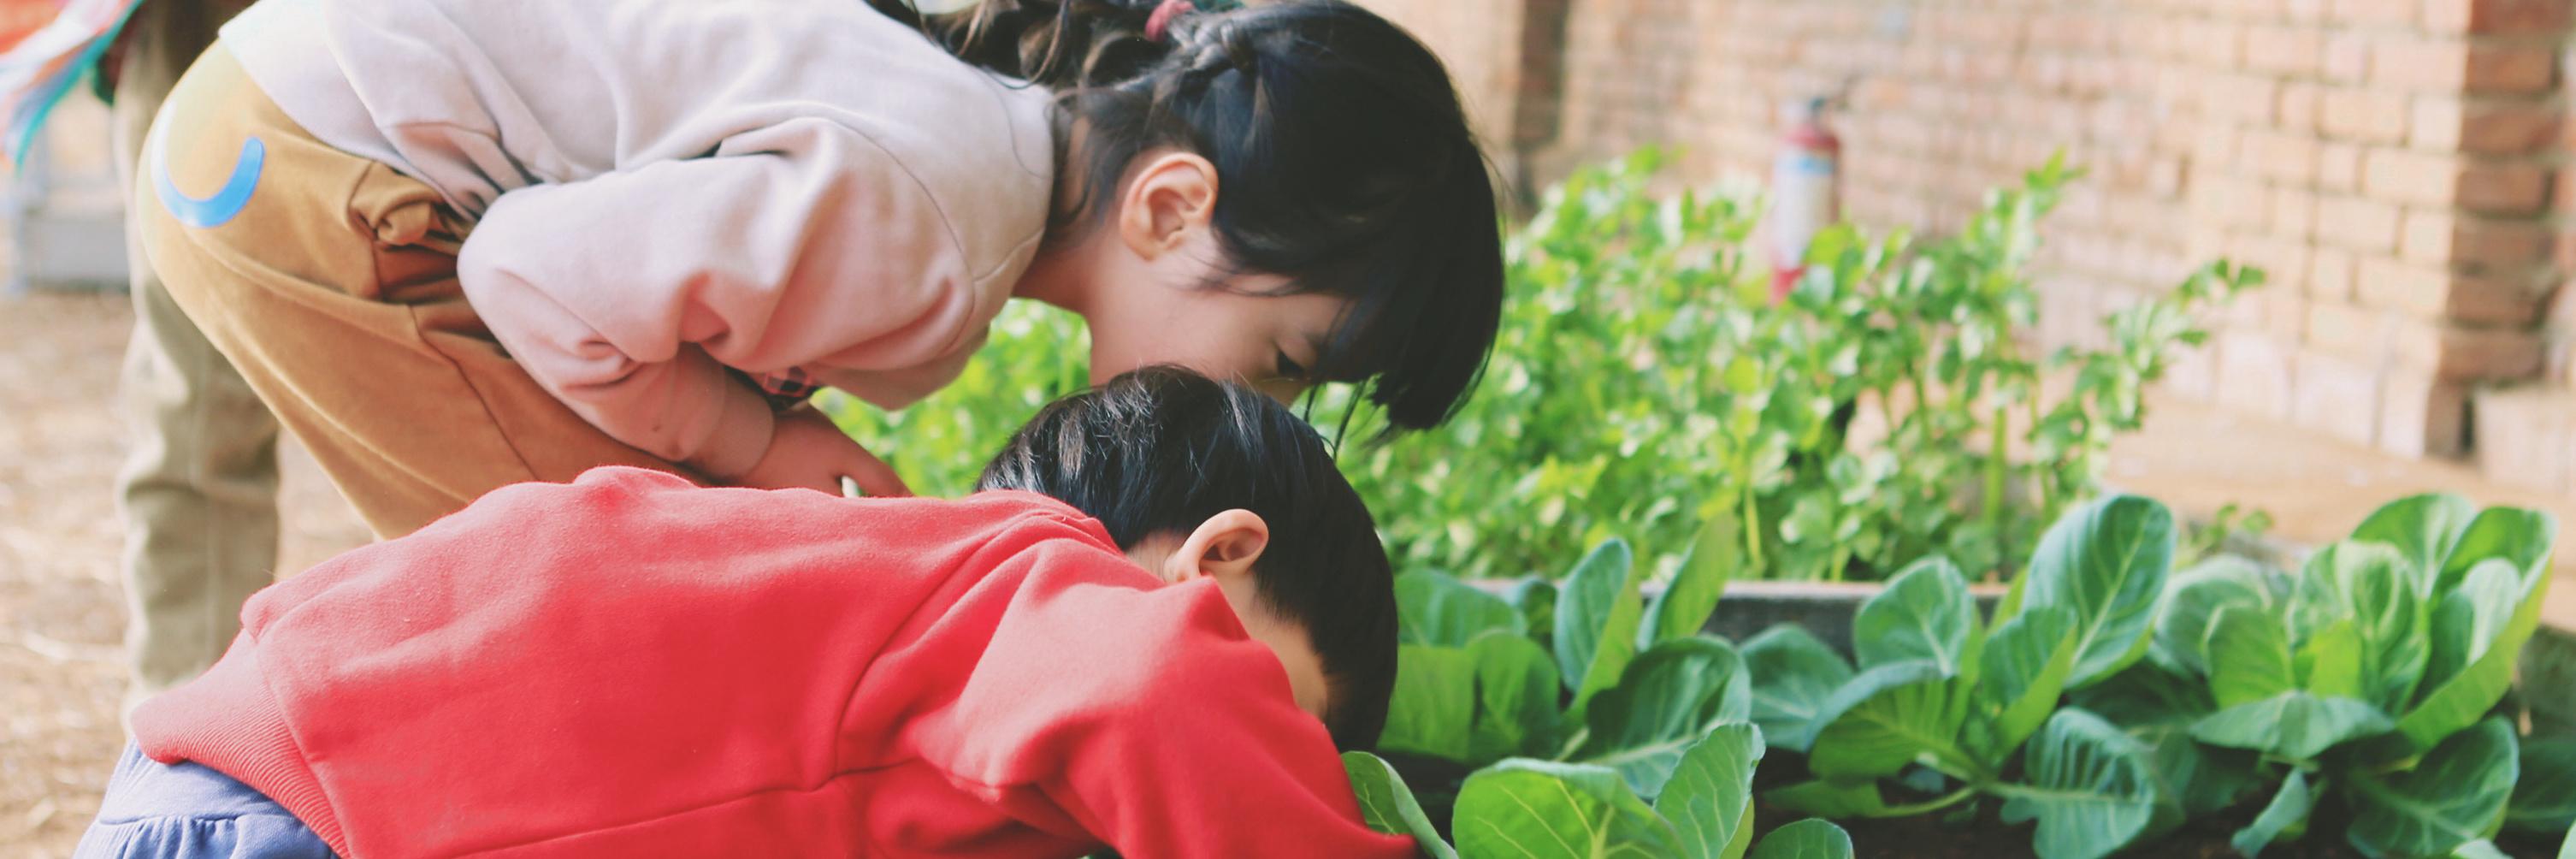 【北京周边游】天开农社,田园生活,诗和远方,这里都有